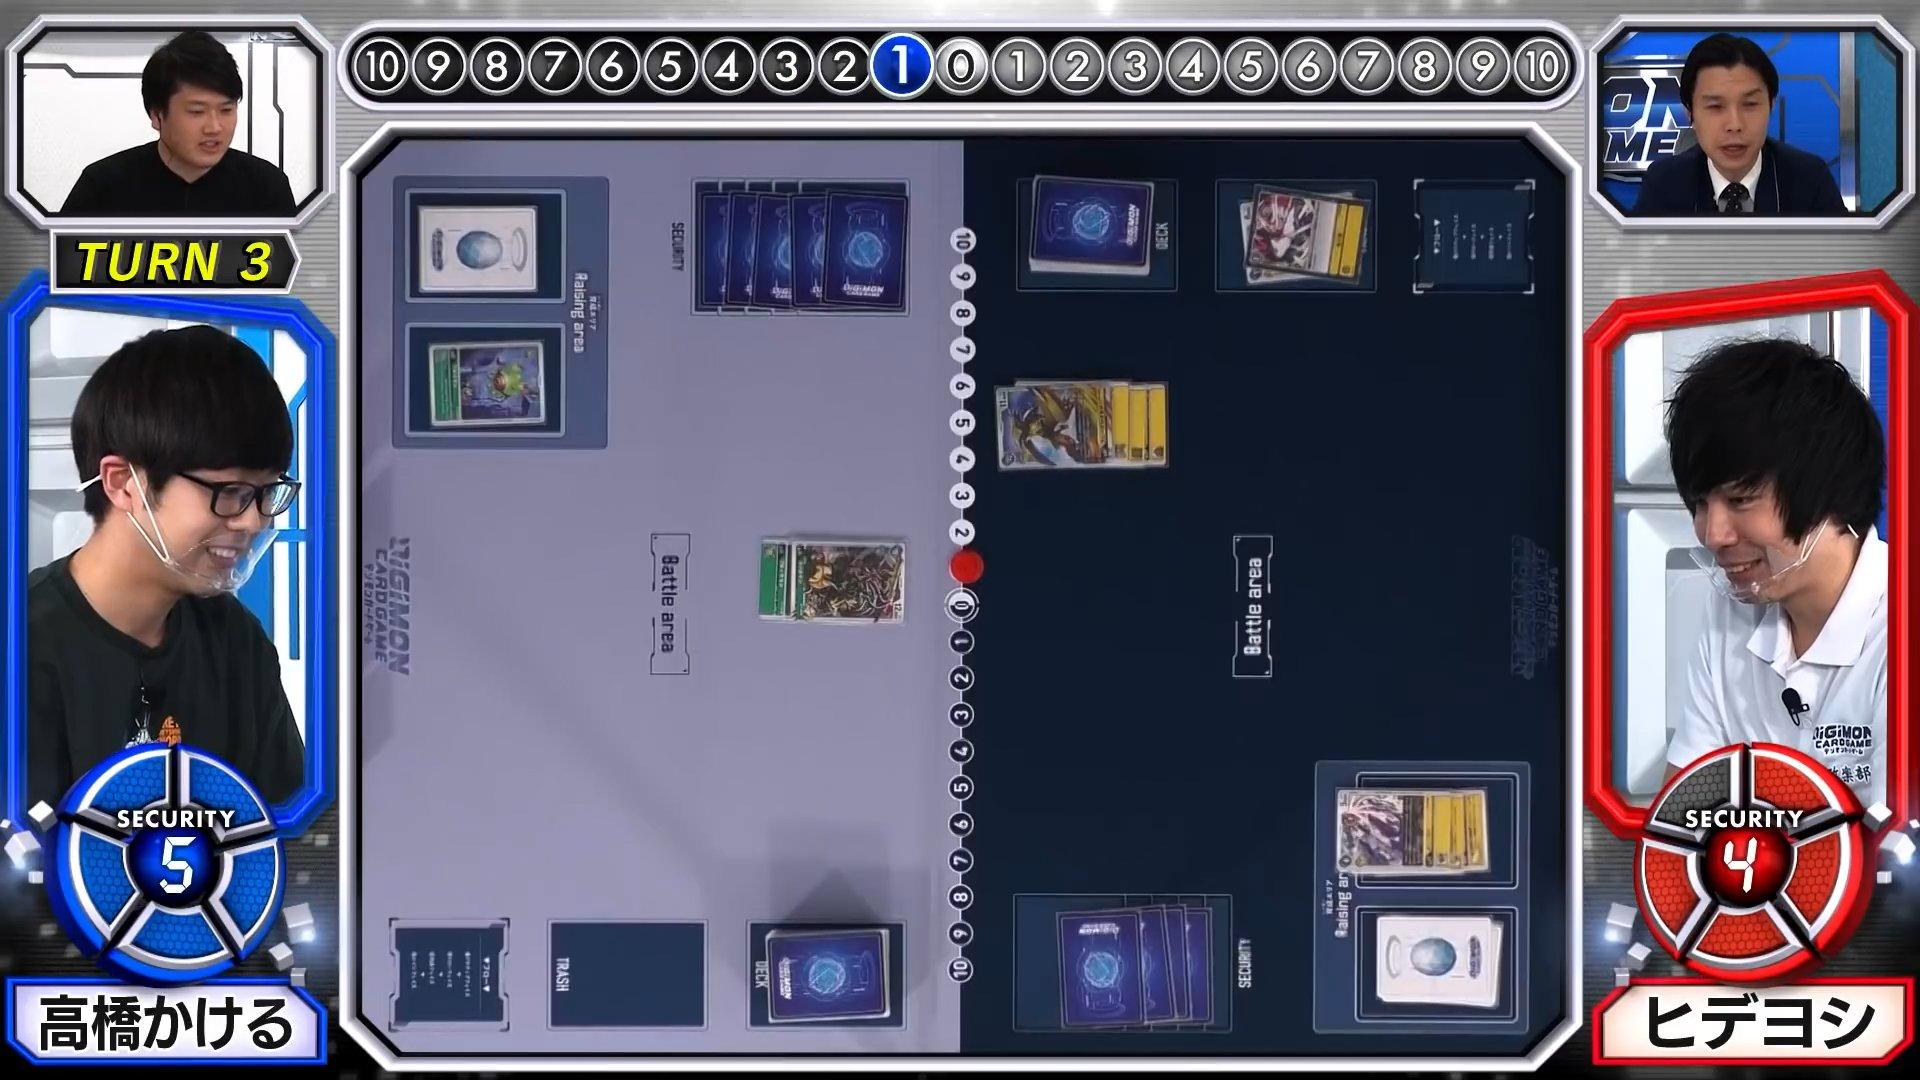 digimoncardbattle_v2_11_07_december11_2020.jpg